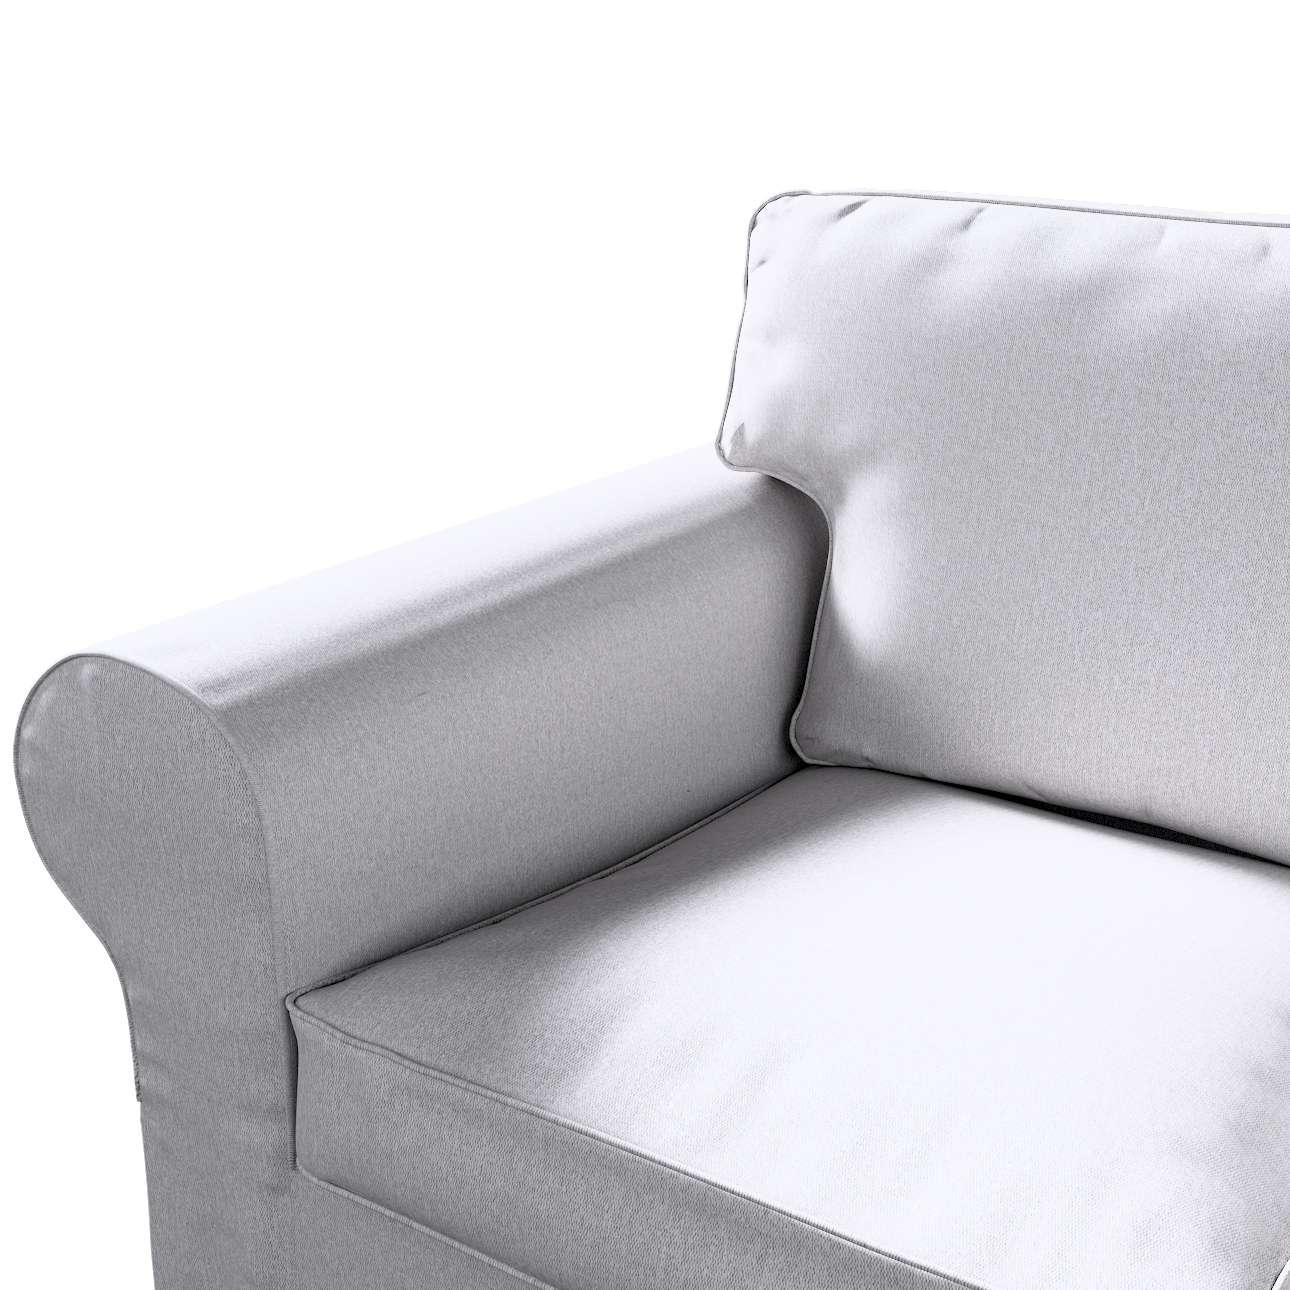 Pokrowiec na sofę Ektorp 3-osobową, nierozkładaną w kolekcji Amsterdam, tkanina: 704-45